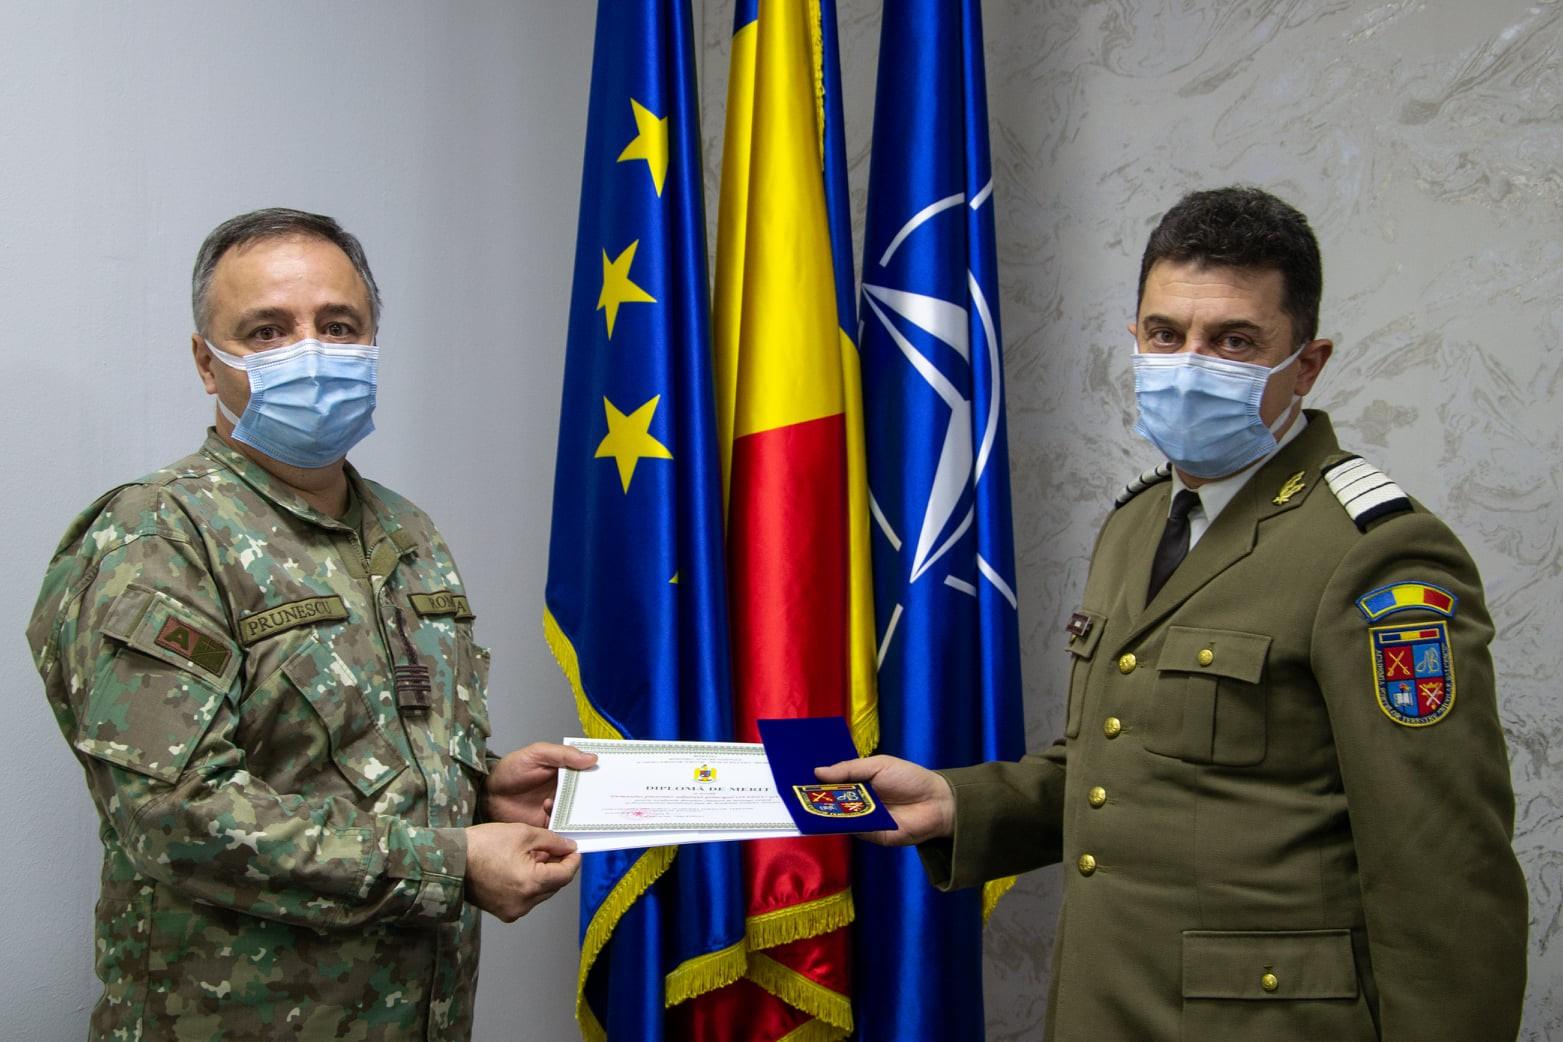 După 3 decenii de carieră militară, plutonierul adjutant principal Ovidiu Gugiu a trecut astăzi în rezerva Armatei României